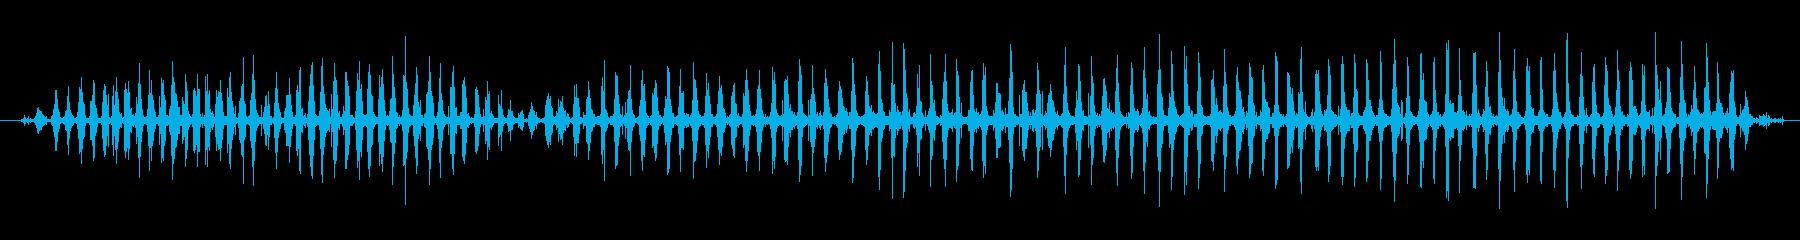 シェーカー ウッドラトルファストハ...の再生済みの波形